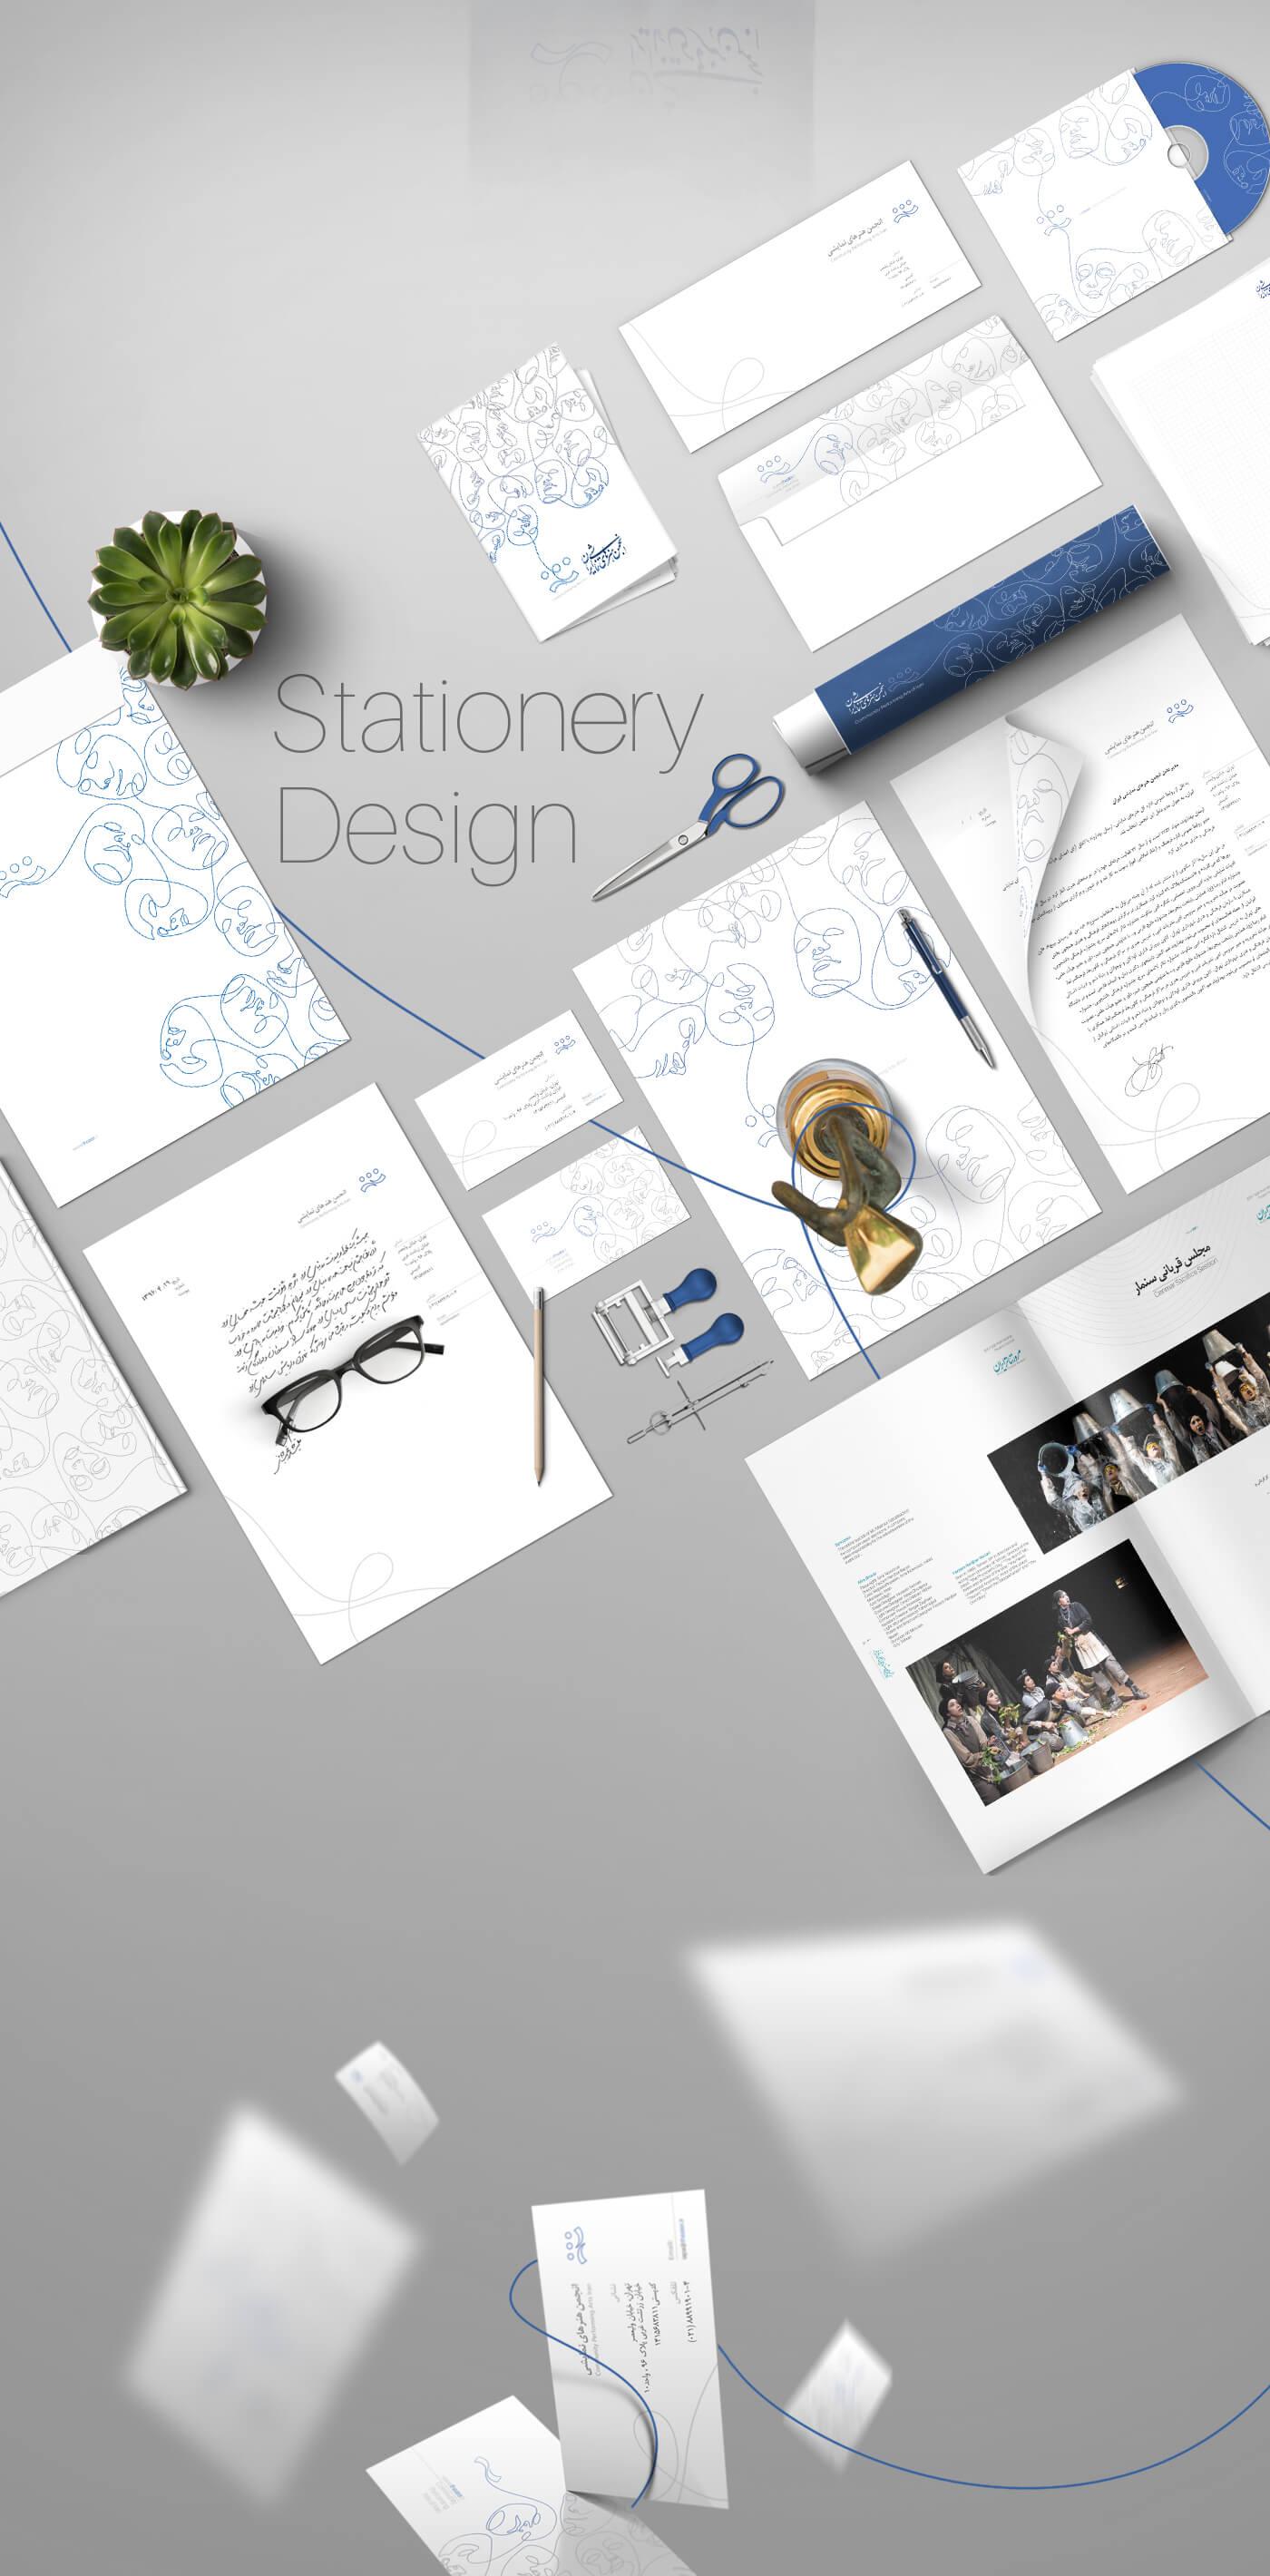 هویت بصری انجمن هنرهای نمایشی 4، انجمن هنرهای نمایشی، هویت بصری، طراحی لوگو، طراحی لوگوتایپ، طراحی ست اداری، طراحی اوراق اداری، شرکت تبلیغاتی الف، طراحی هویت بصری